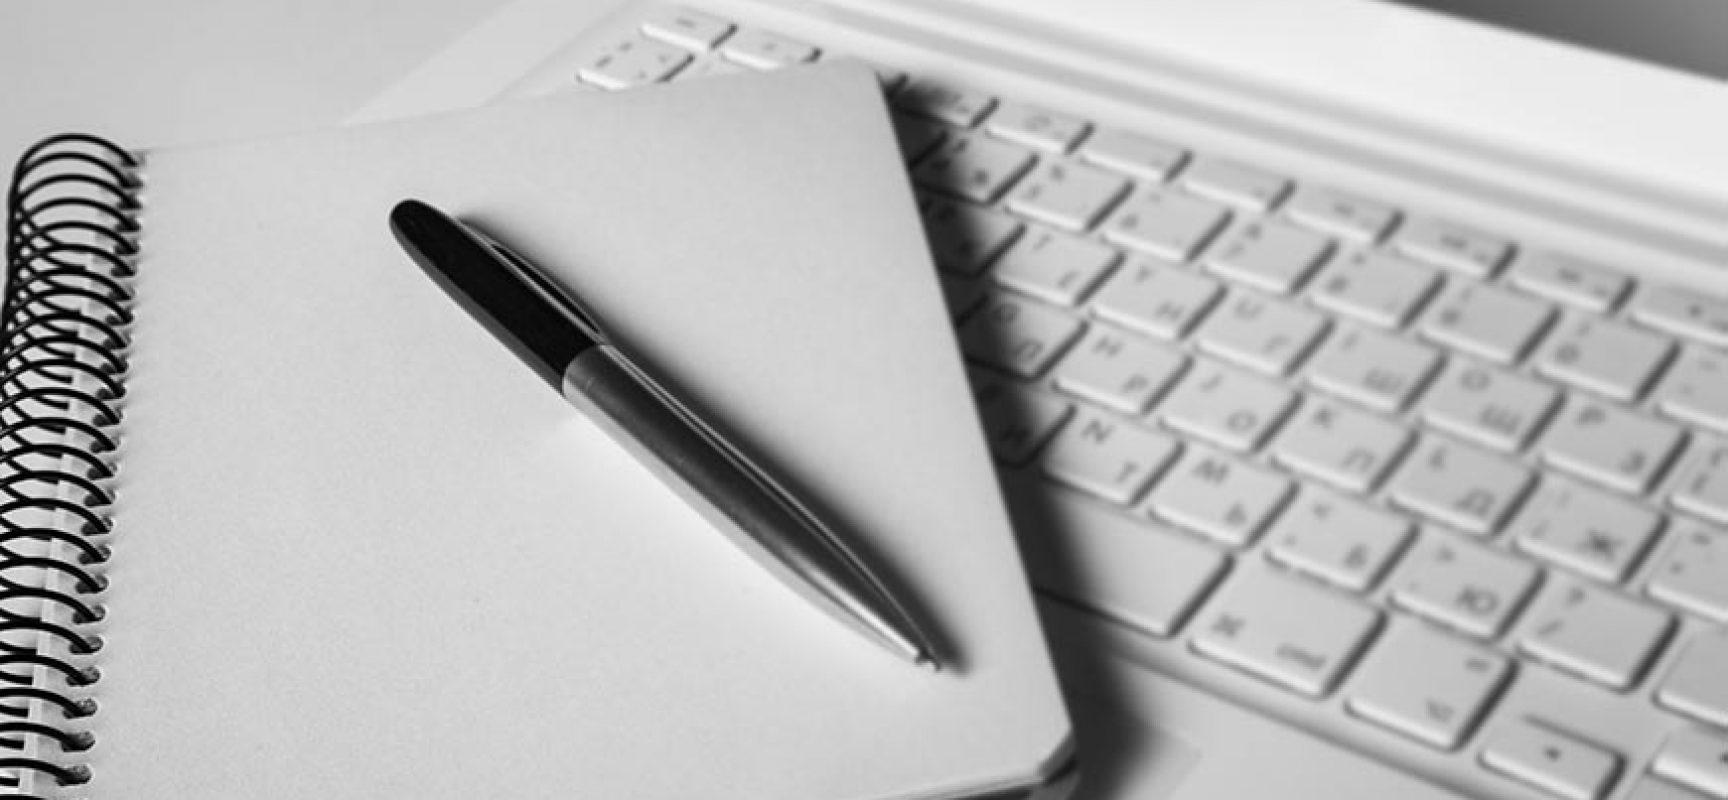 ΠΡΟΚΗΡΥΞΗ Για την πλήρωση μιας (1) θέσης Ειδικού Συνεργάτη Δημάρχου ειδικότητας Δημοσιογράφου